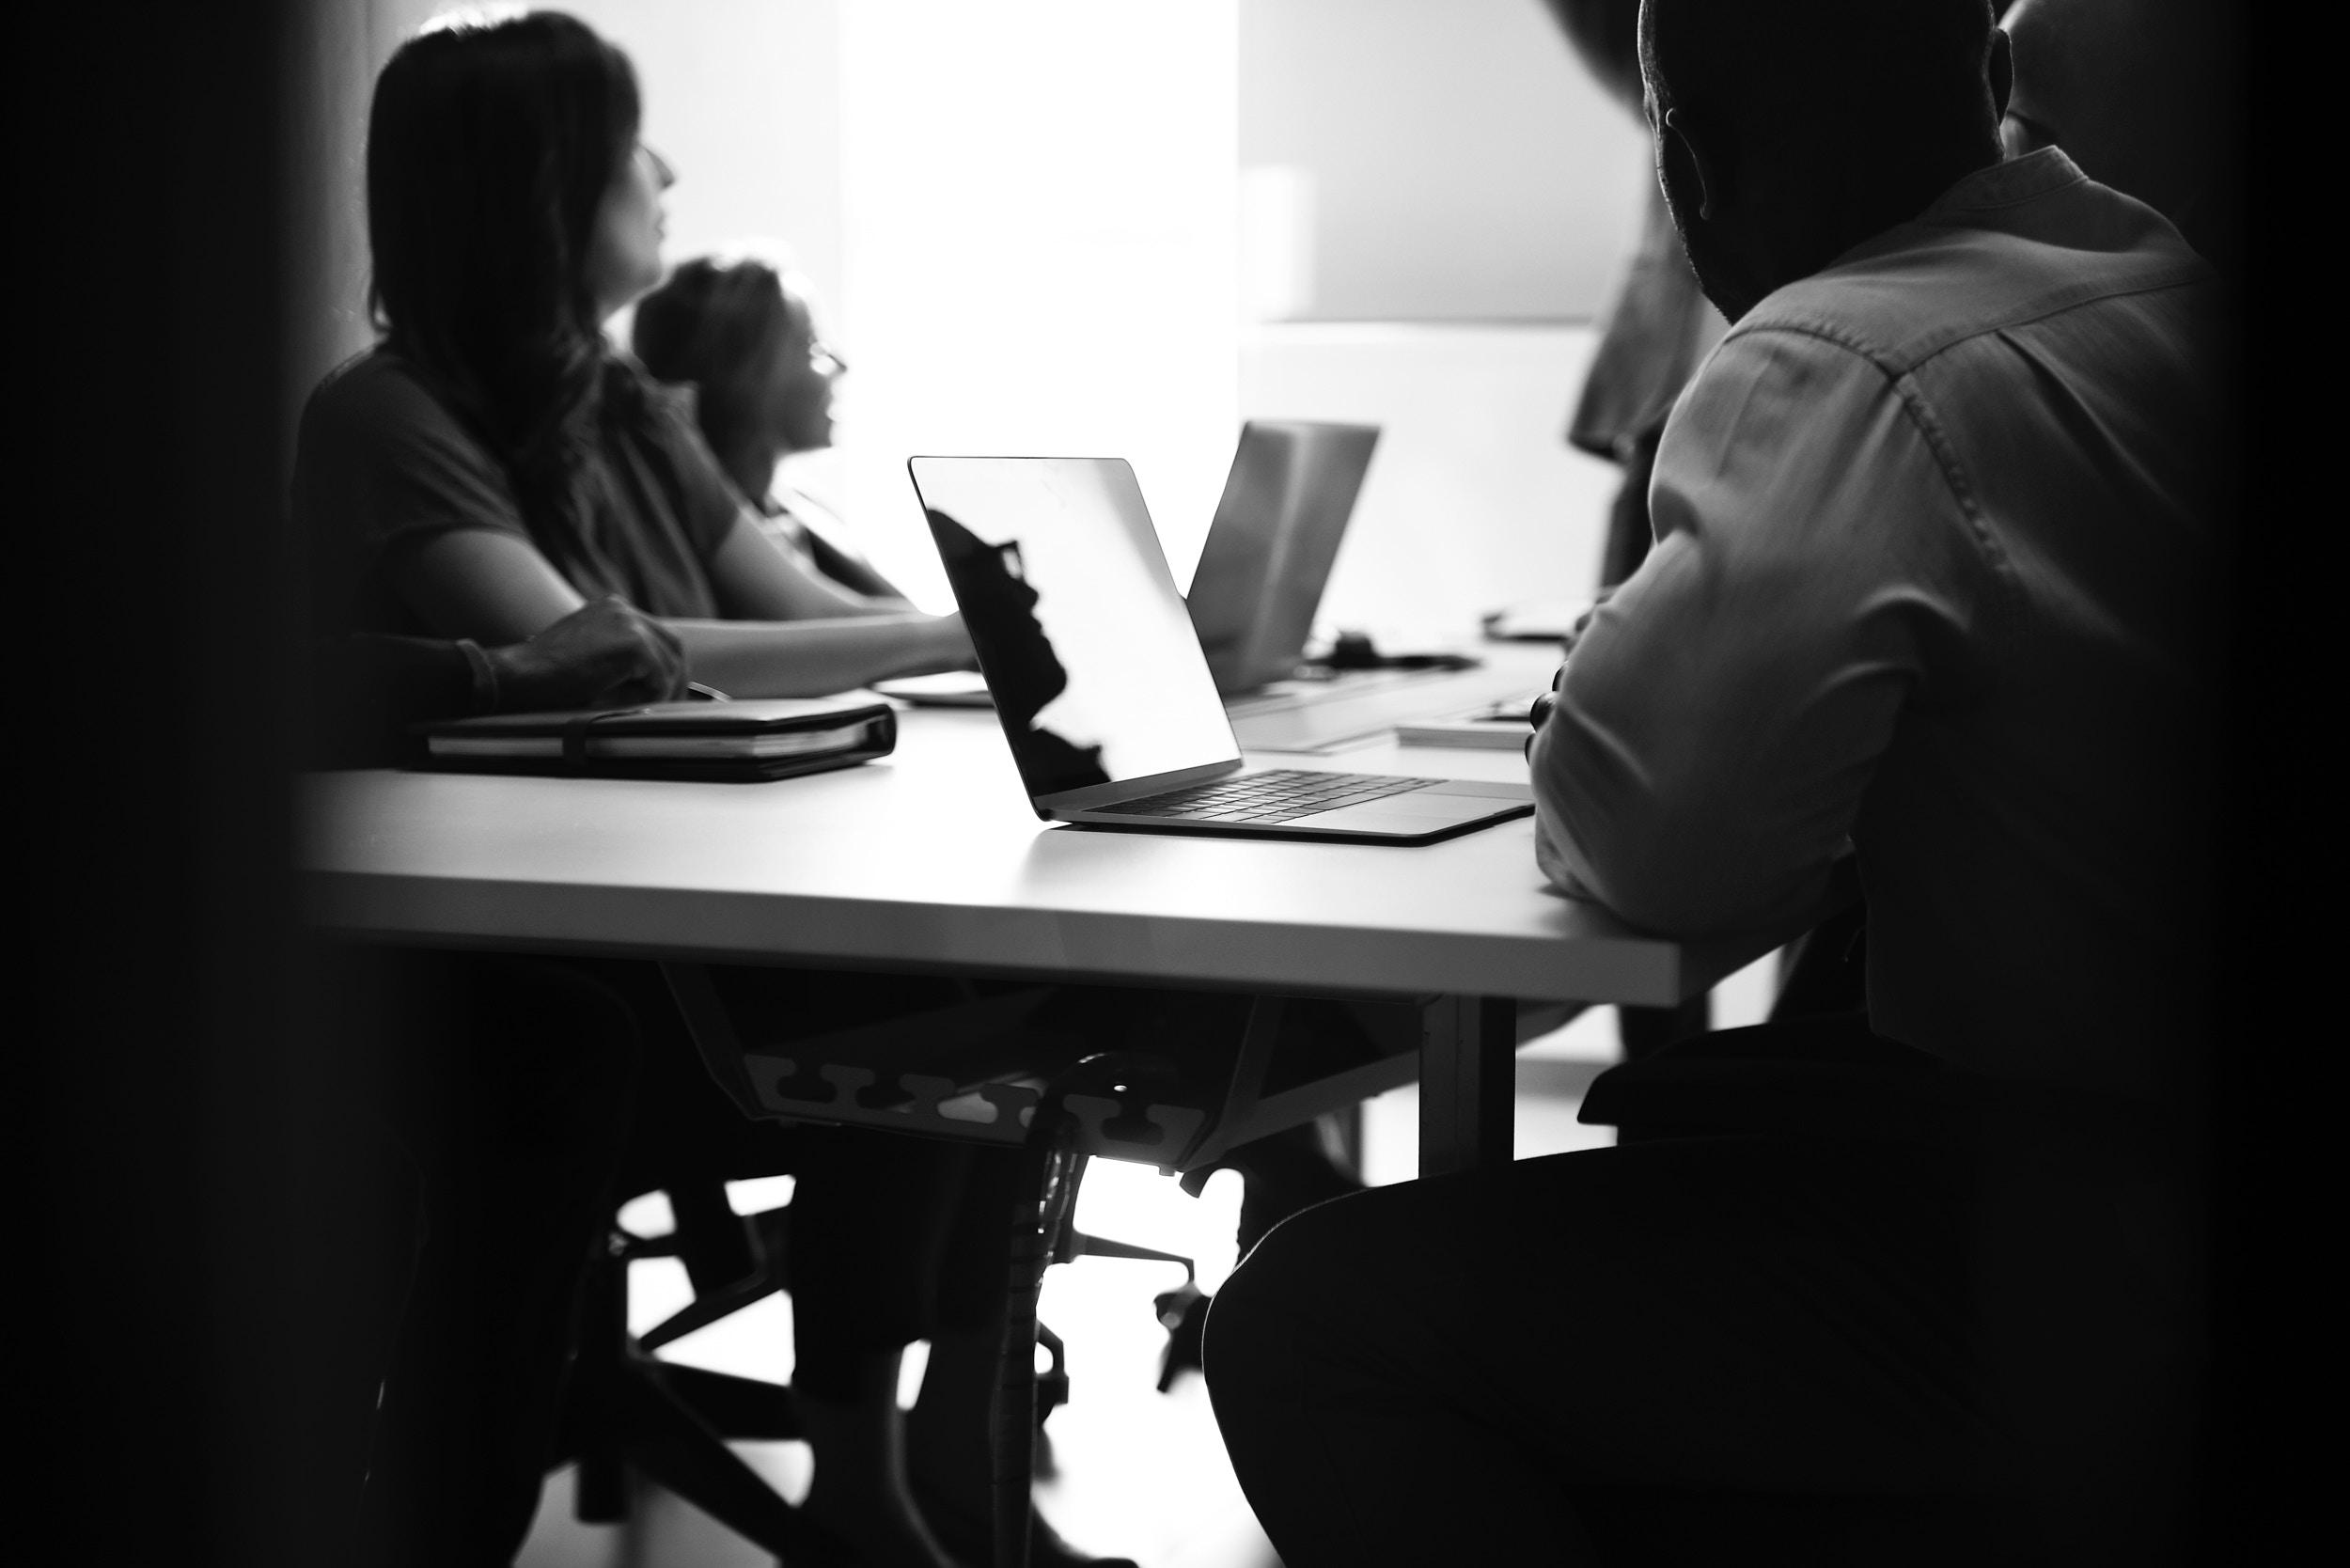 Menschen am Tisch mit Laptops vorsich schauen gemeinsam in eine Richtung.